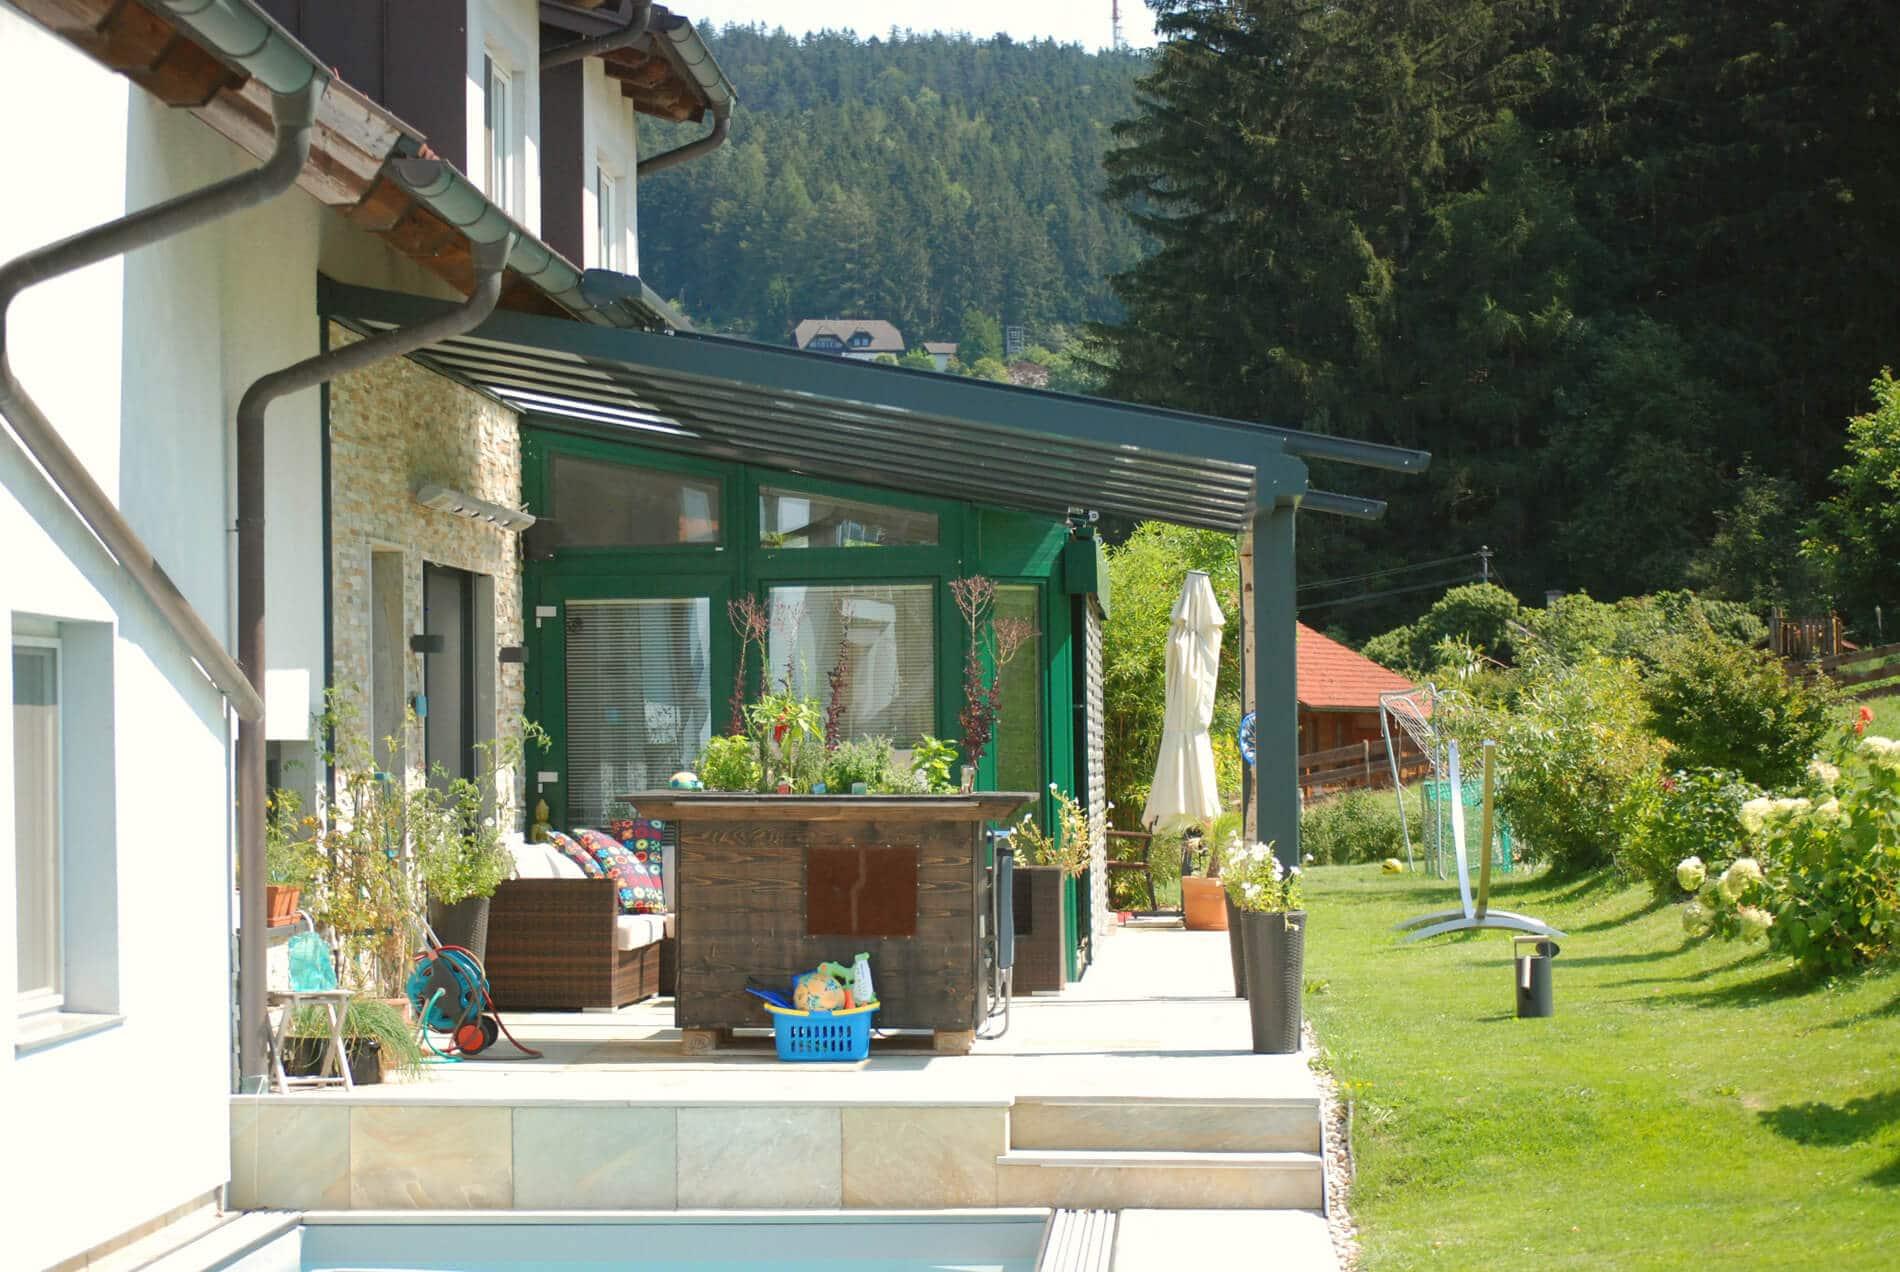 Wetterschutz Terrasse Glasdach Schutzt Vor Regen Und Kalte